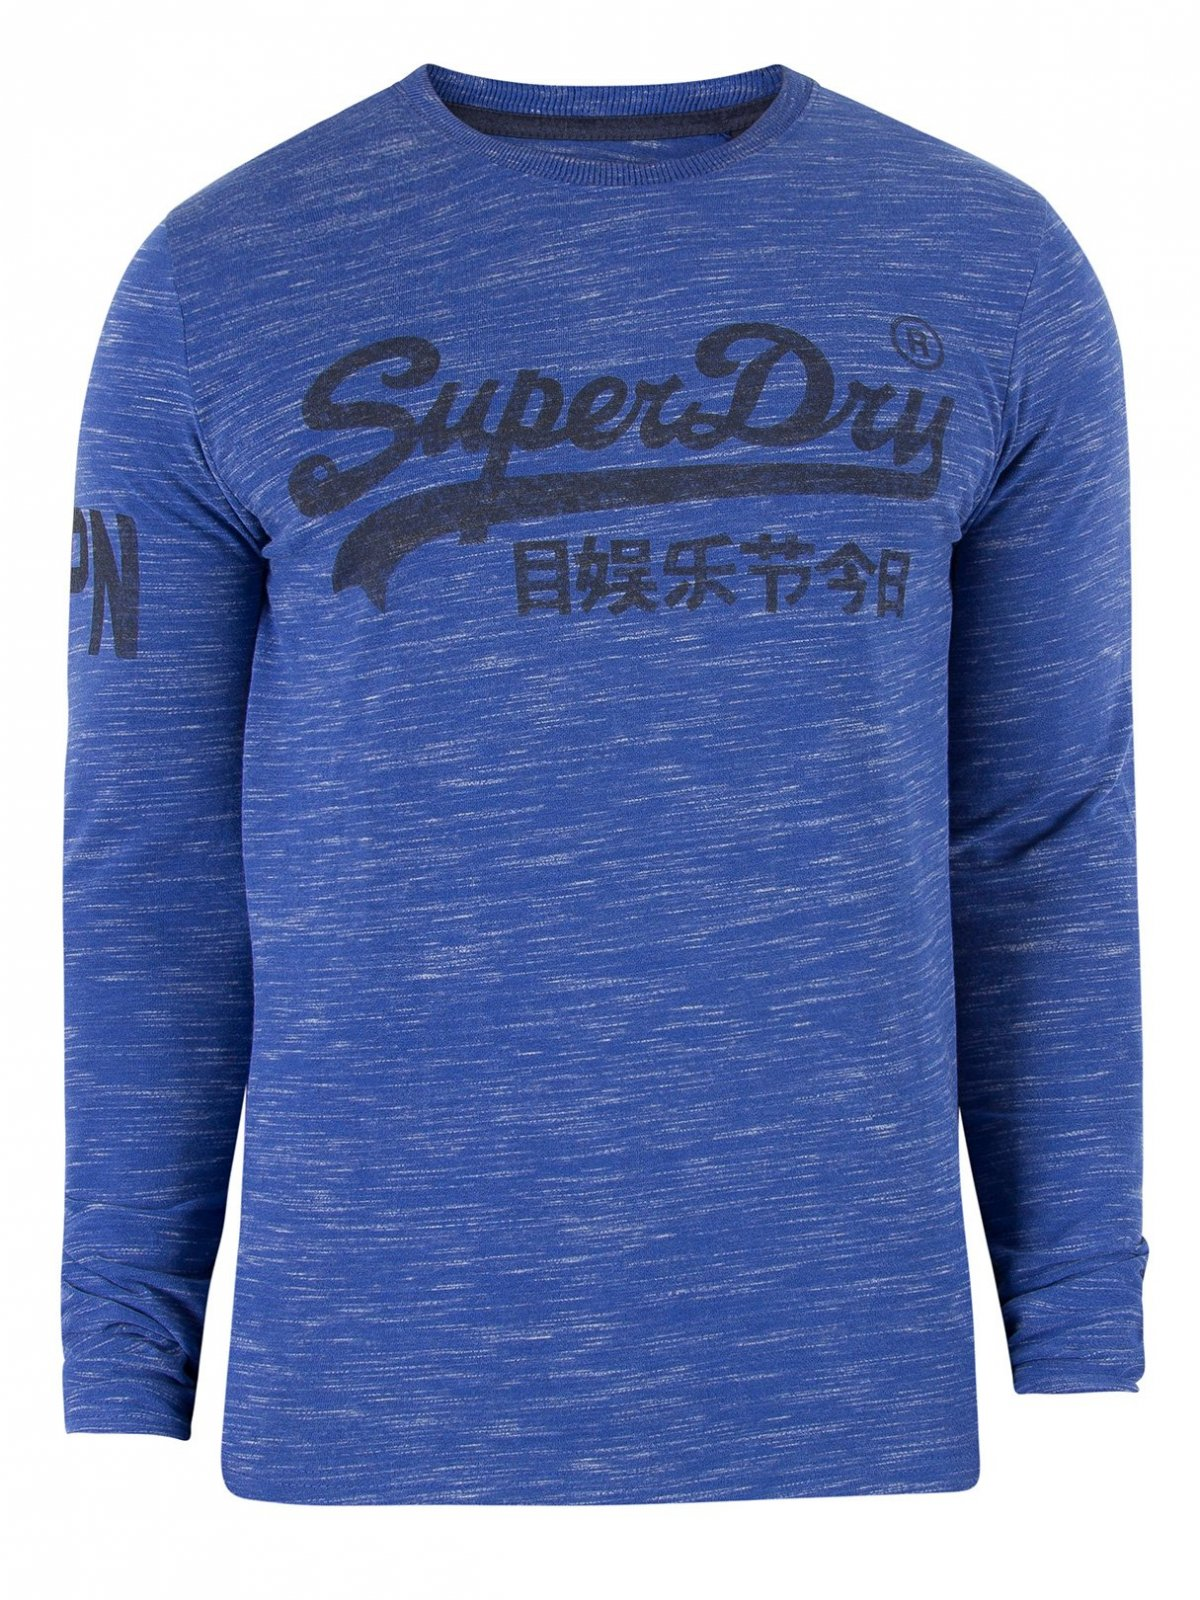 T shirt longue manche superdry homme